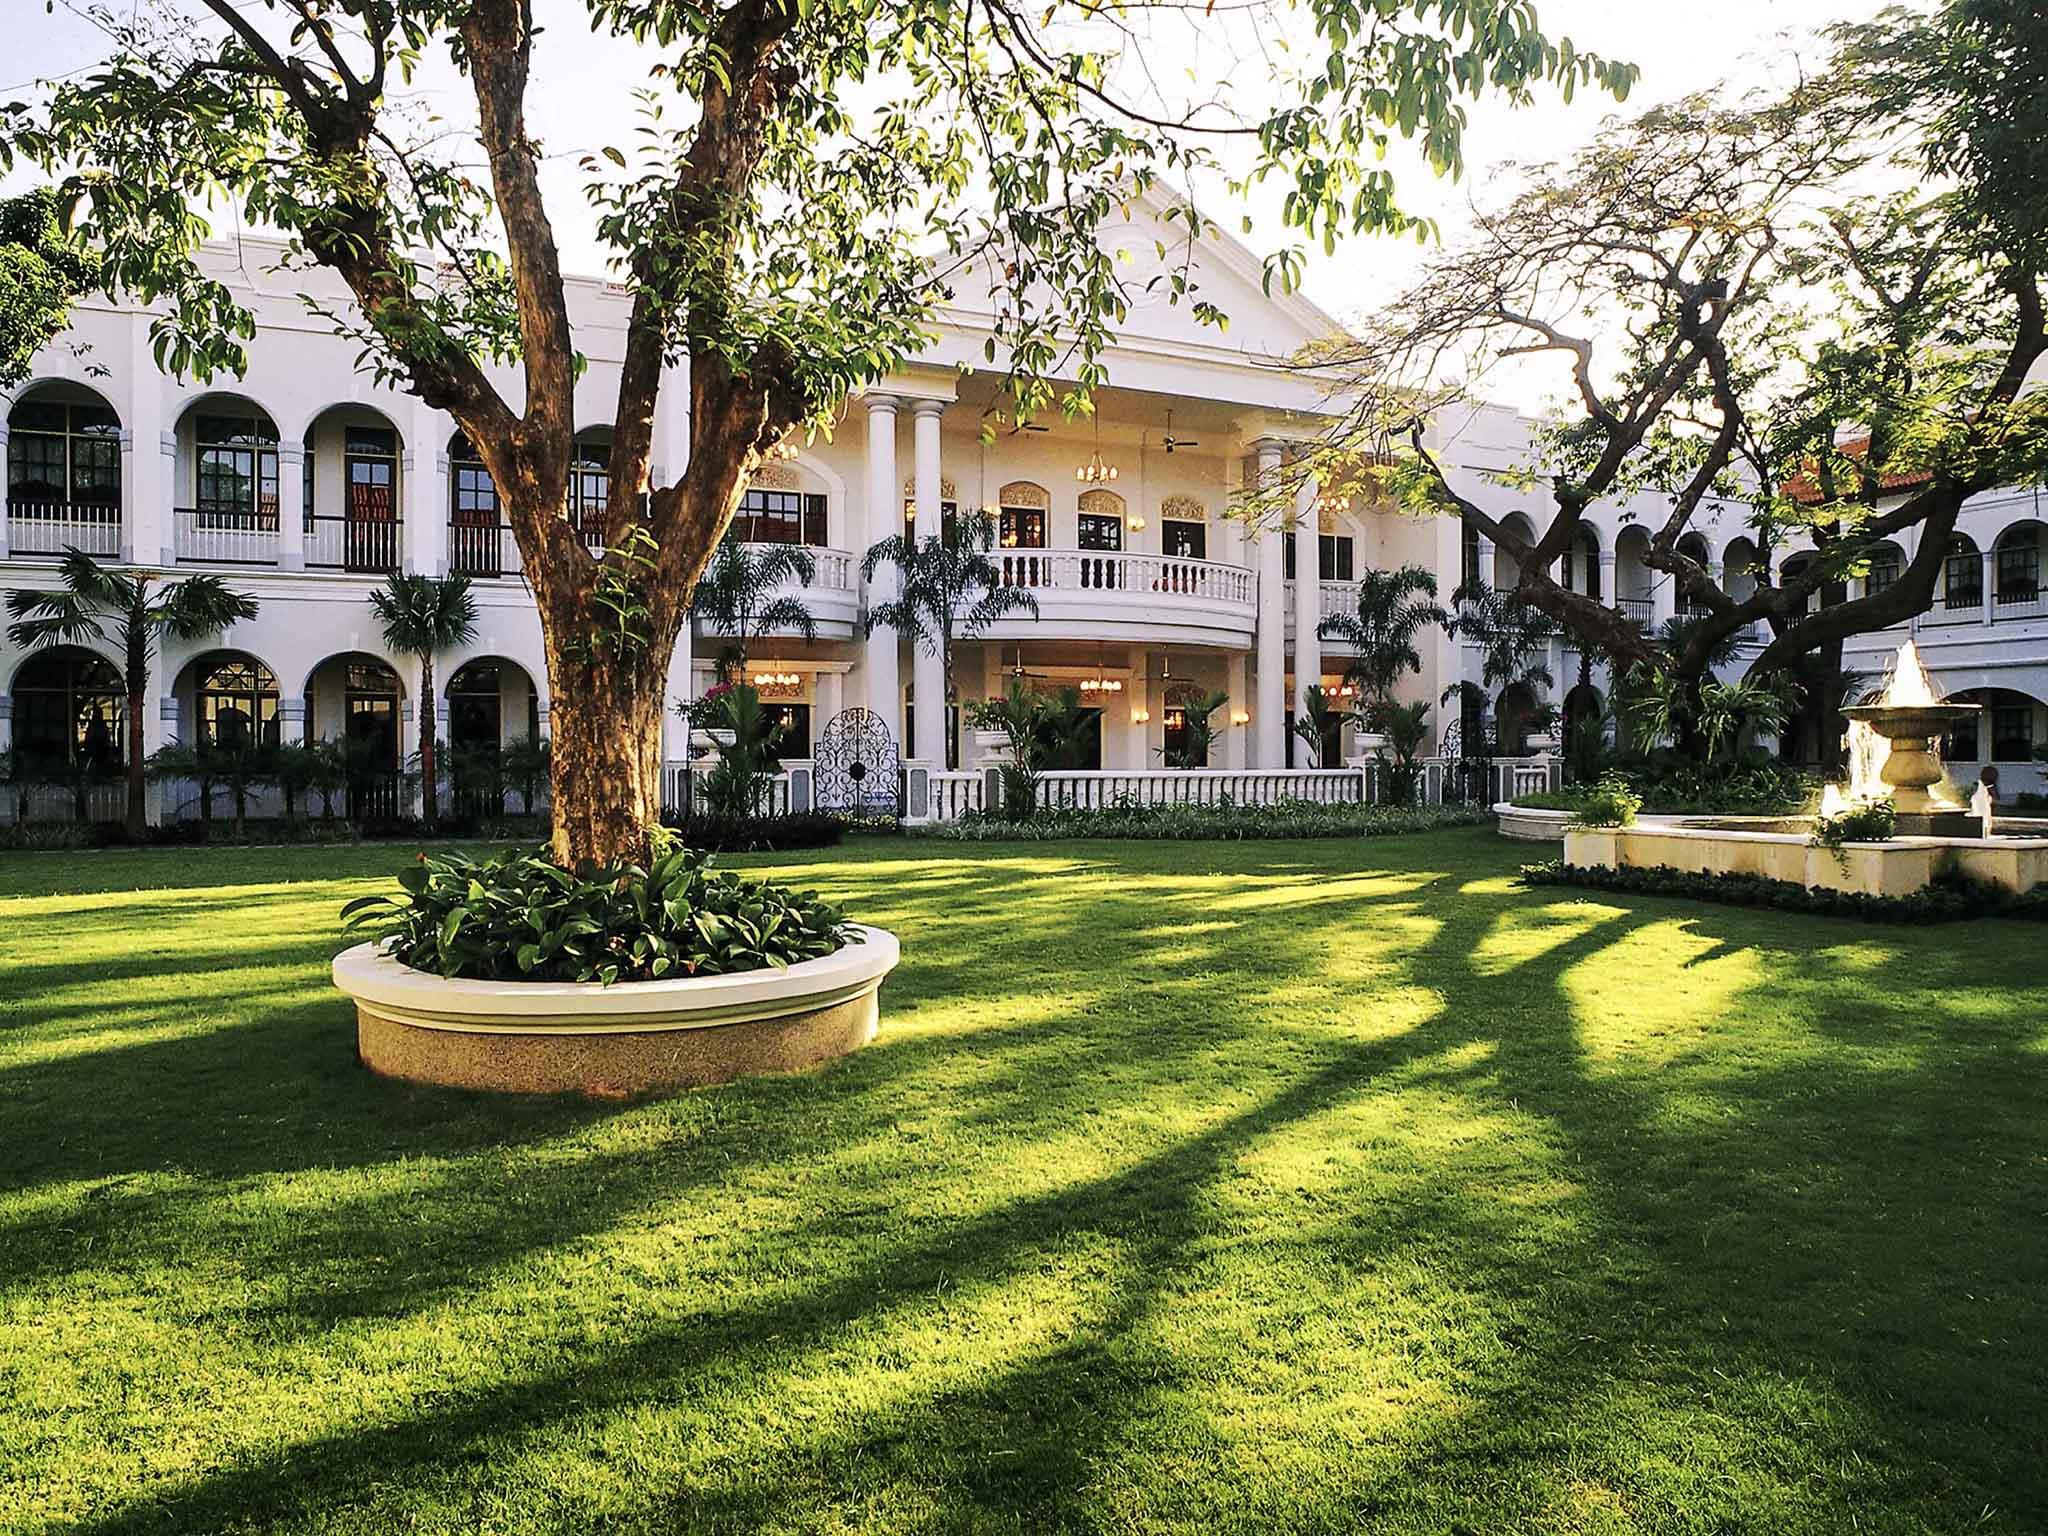 Hotel – Hotel Majapahit Surabaya managed by AccorHotels